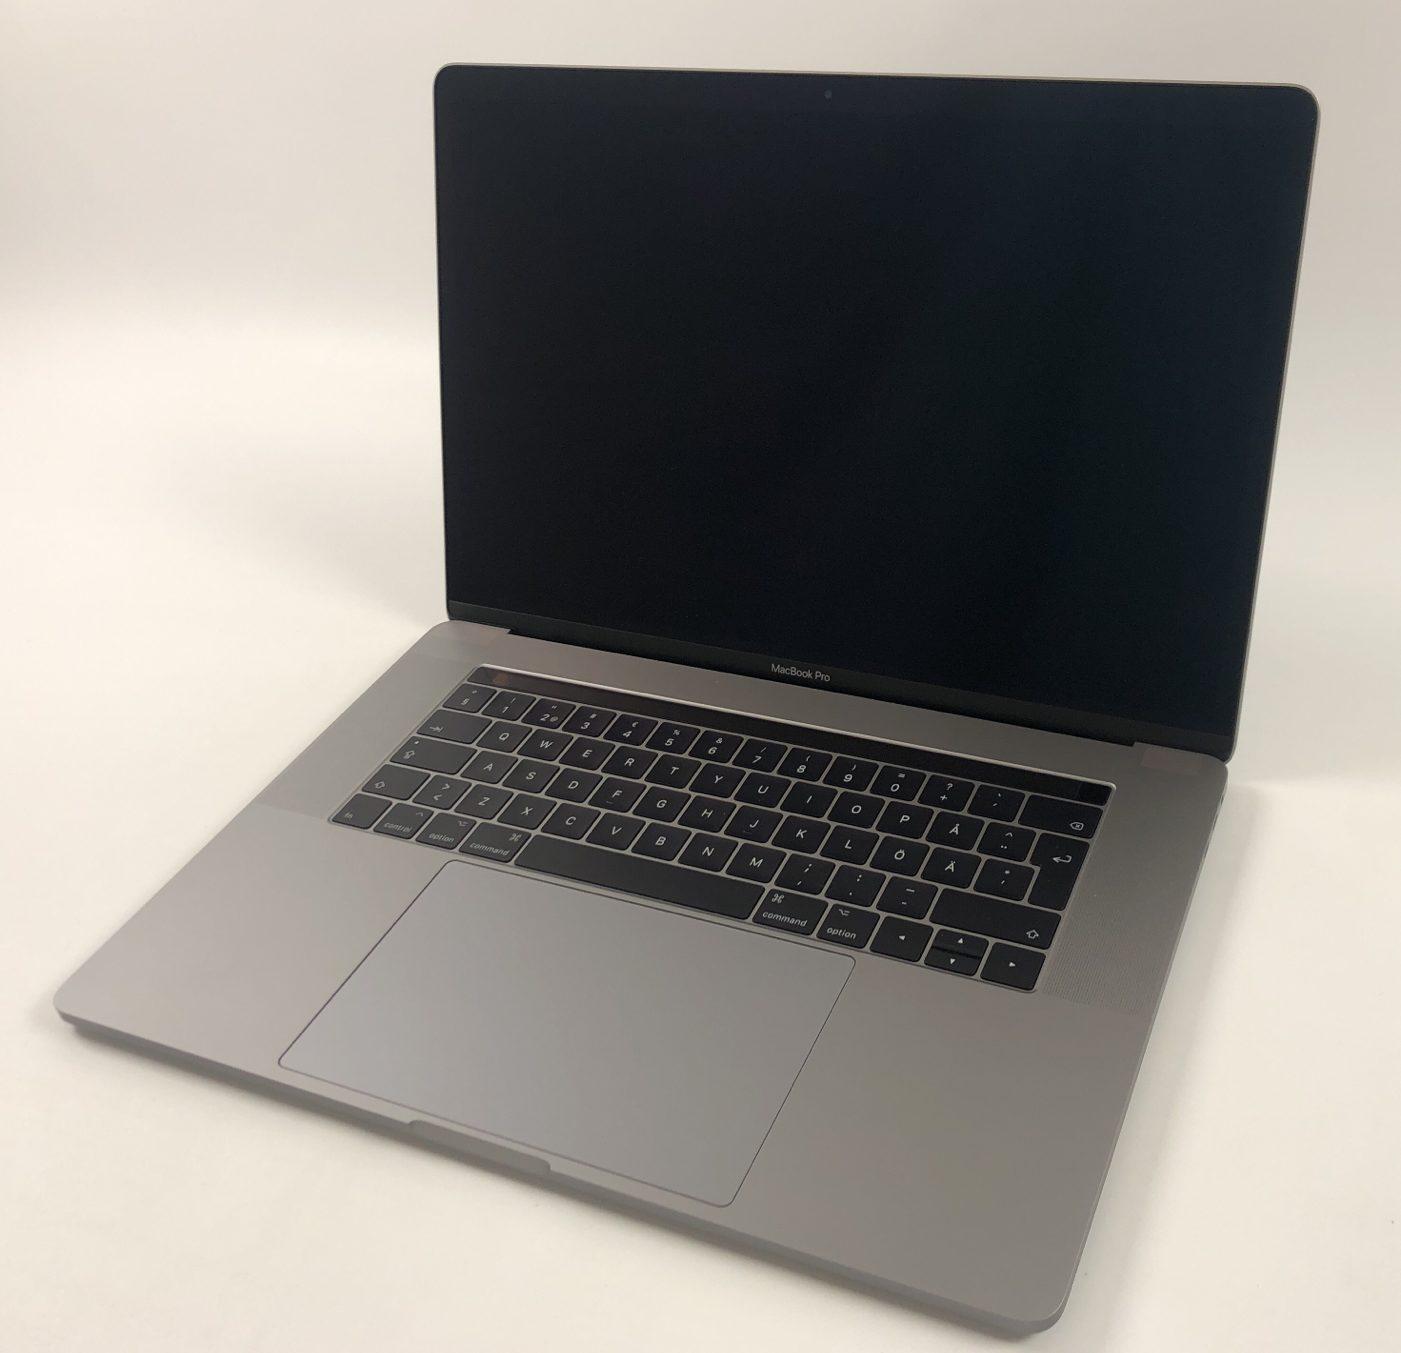 """MacBook Pro 15"""" Touch Bar Mid 2017 (Intel Quad-Core i7 2.8 GHz 16 GB RAM 512 GB SSD), Space Gray, Intel Quad-Core i7 2.8 GHz, 16 GB RAM, 512 GB SSD, Kuva 1"""